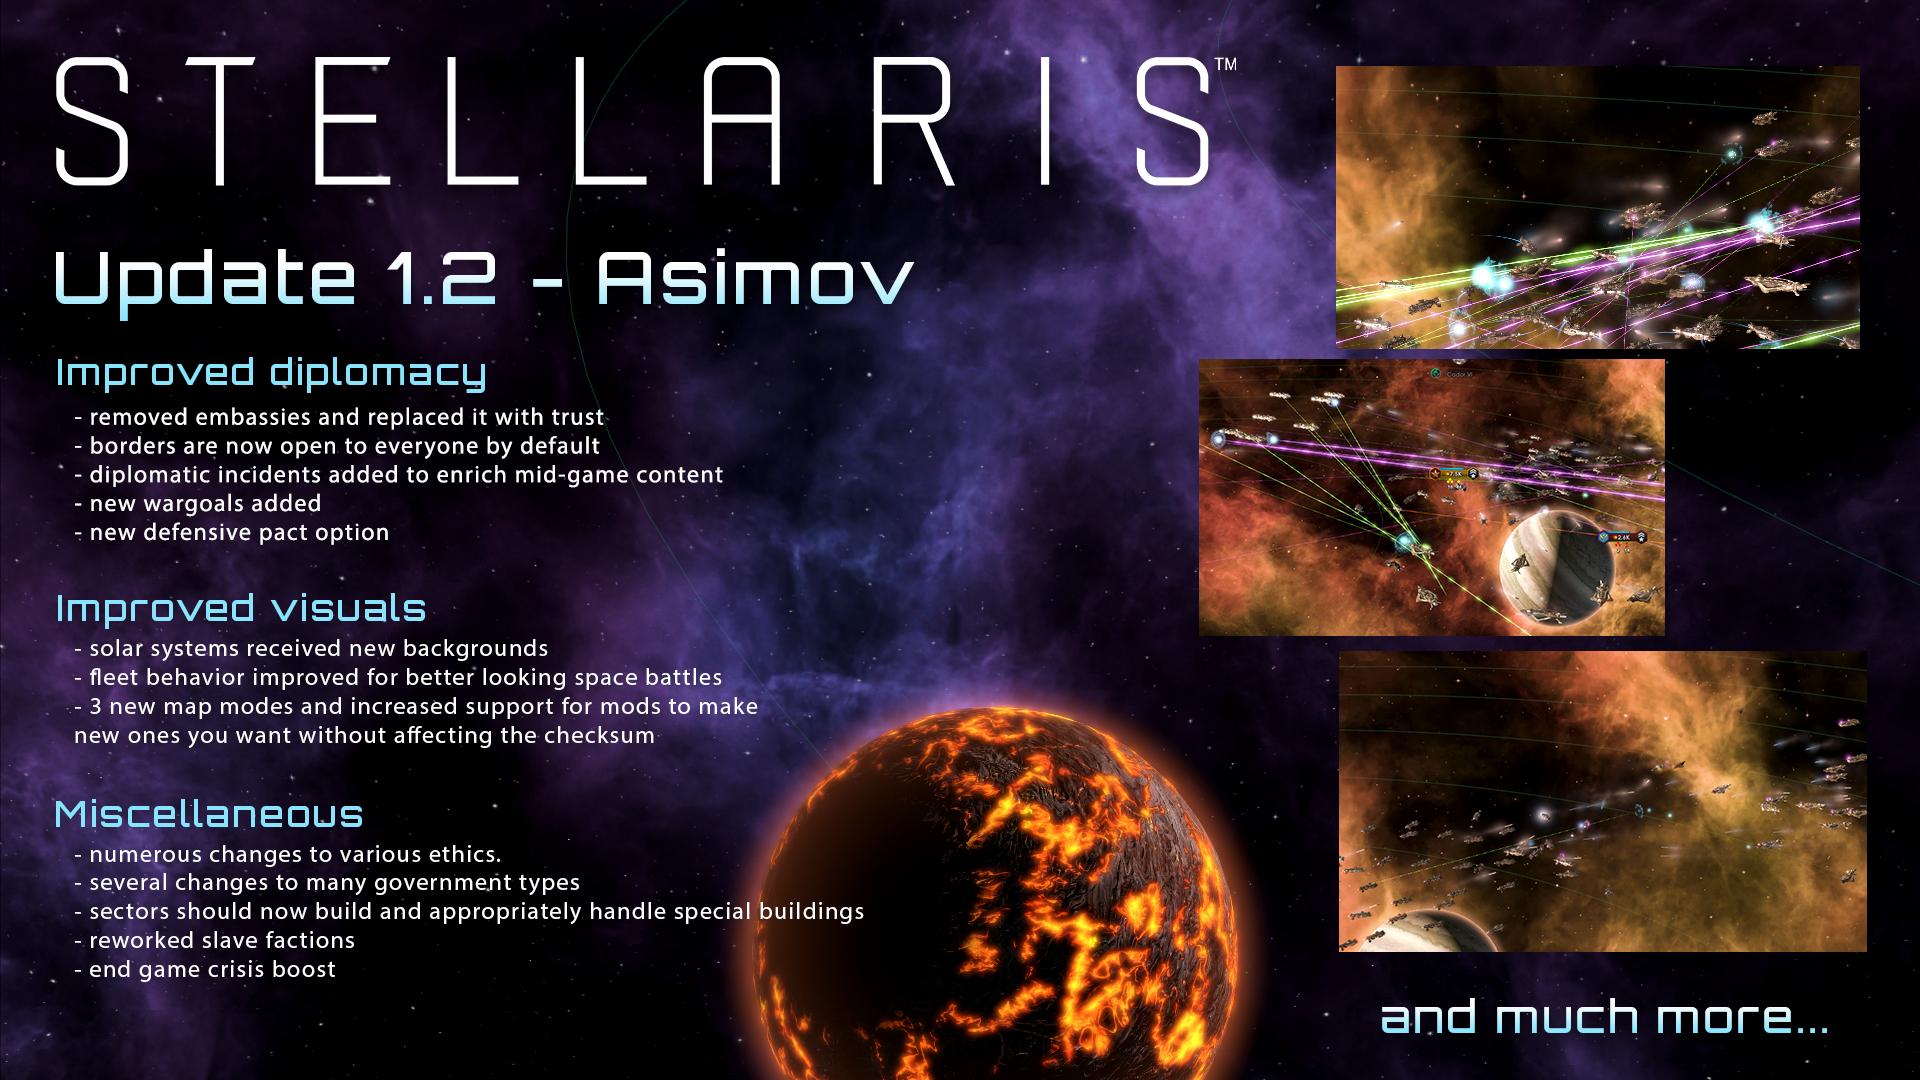 Stellaris_1_2_asimov_1920_2.jpg